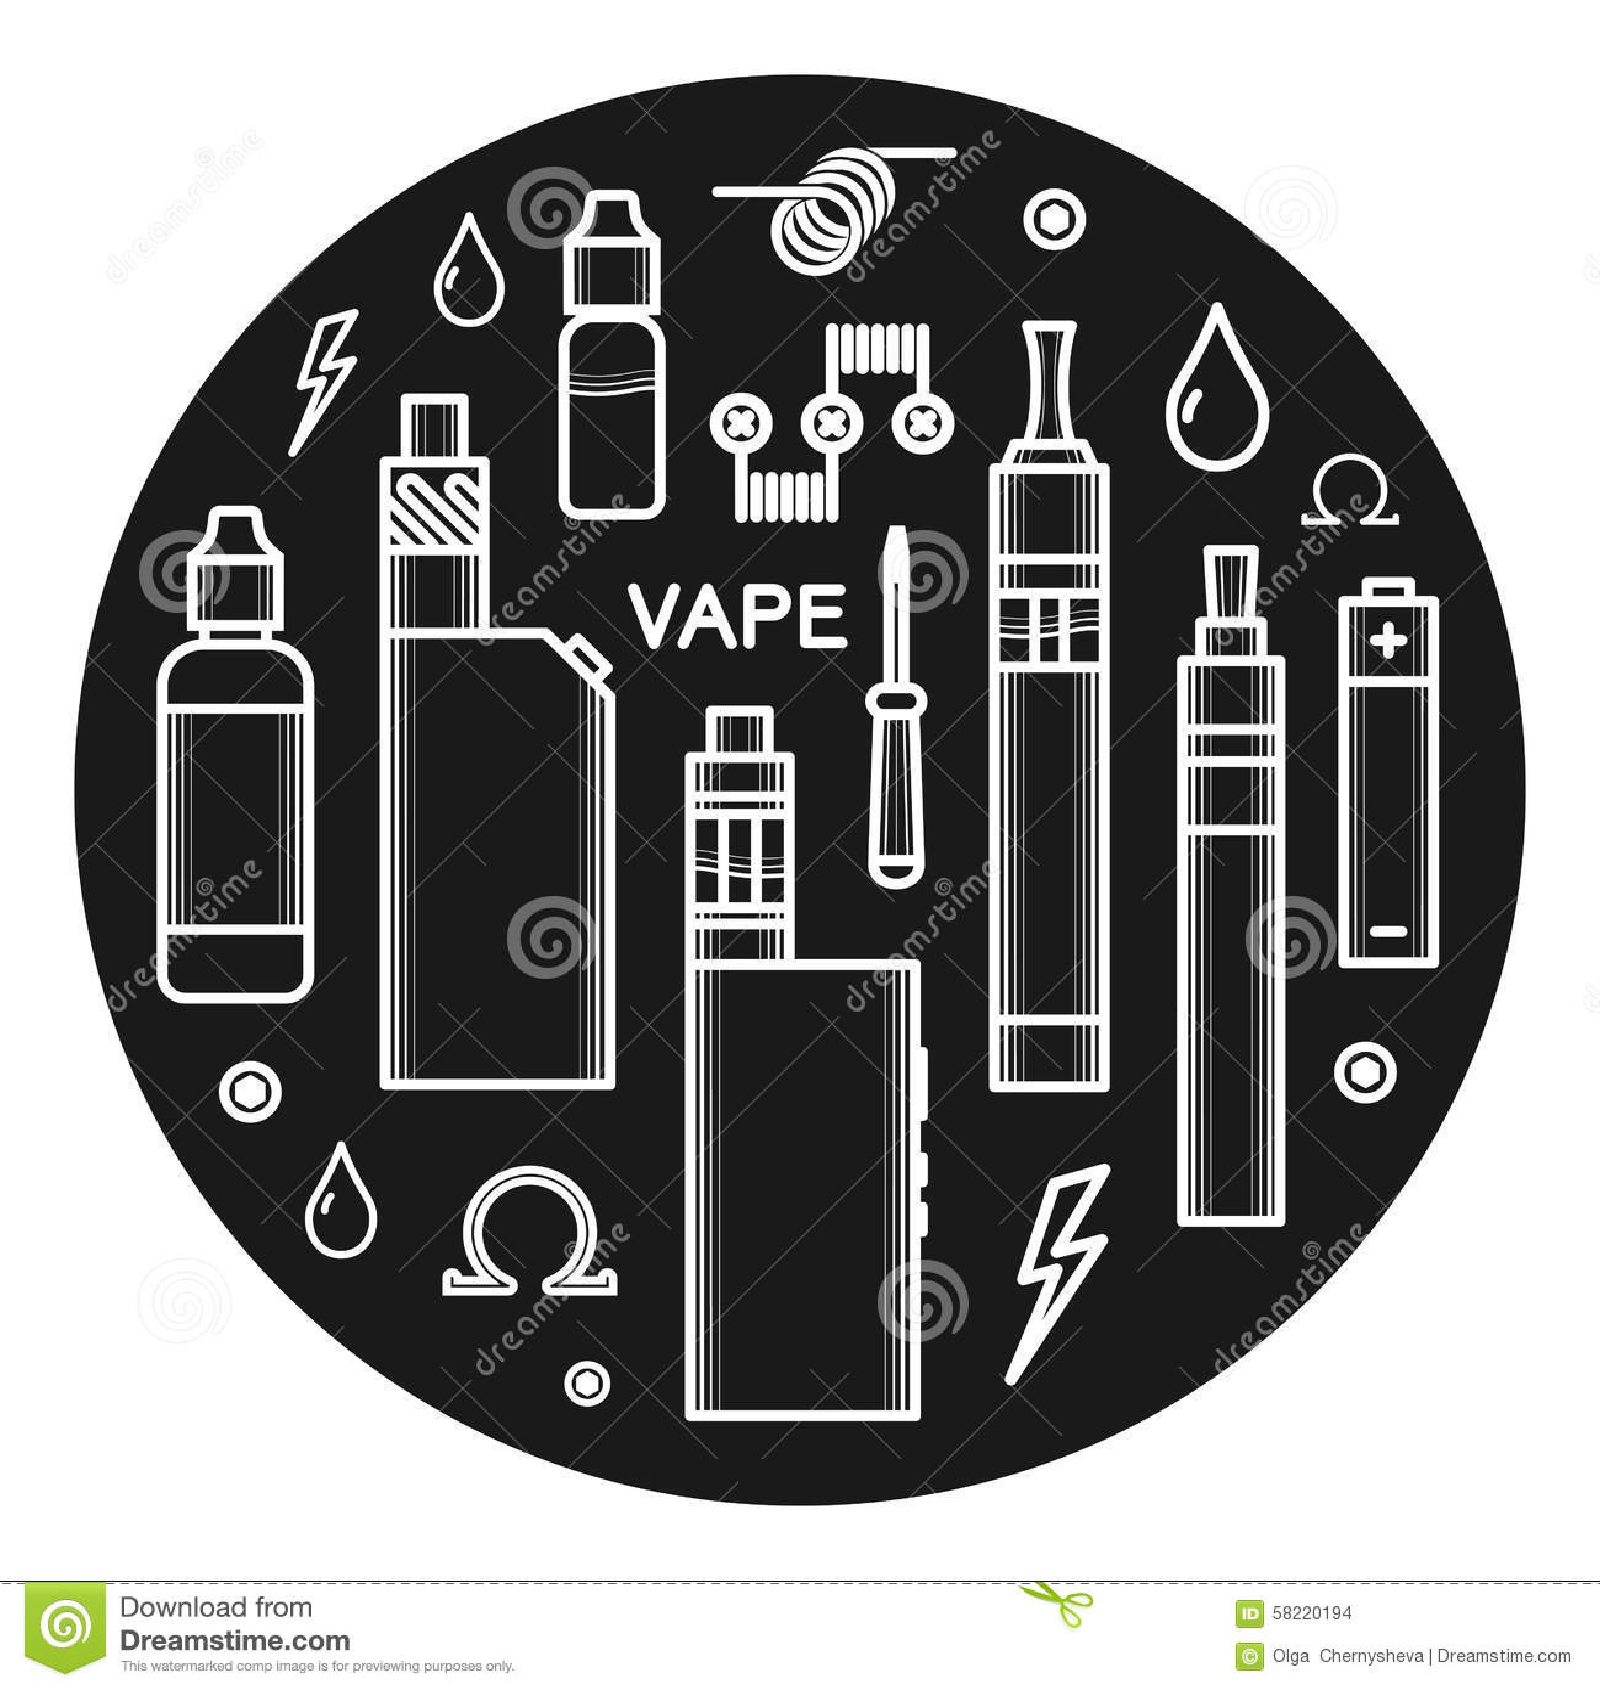 Transparent Cigarette Smoke Stock Images RoyaltyFree